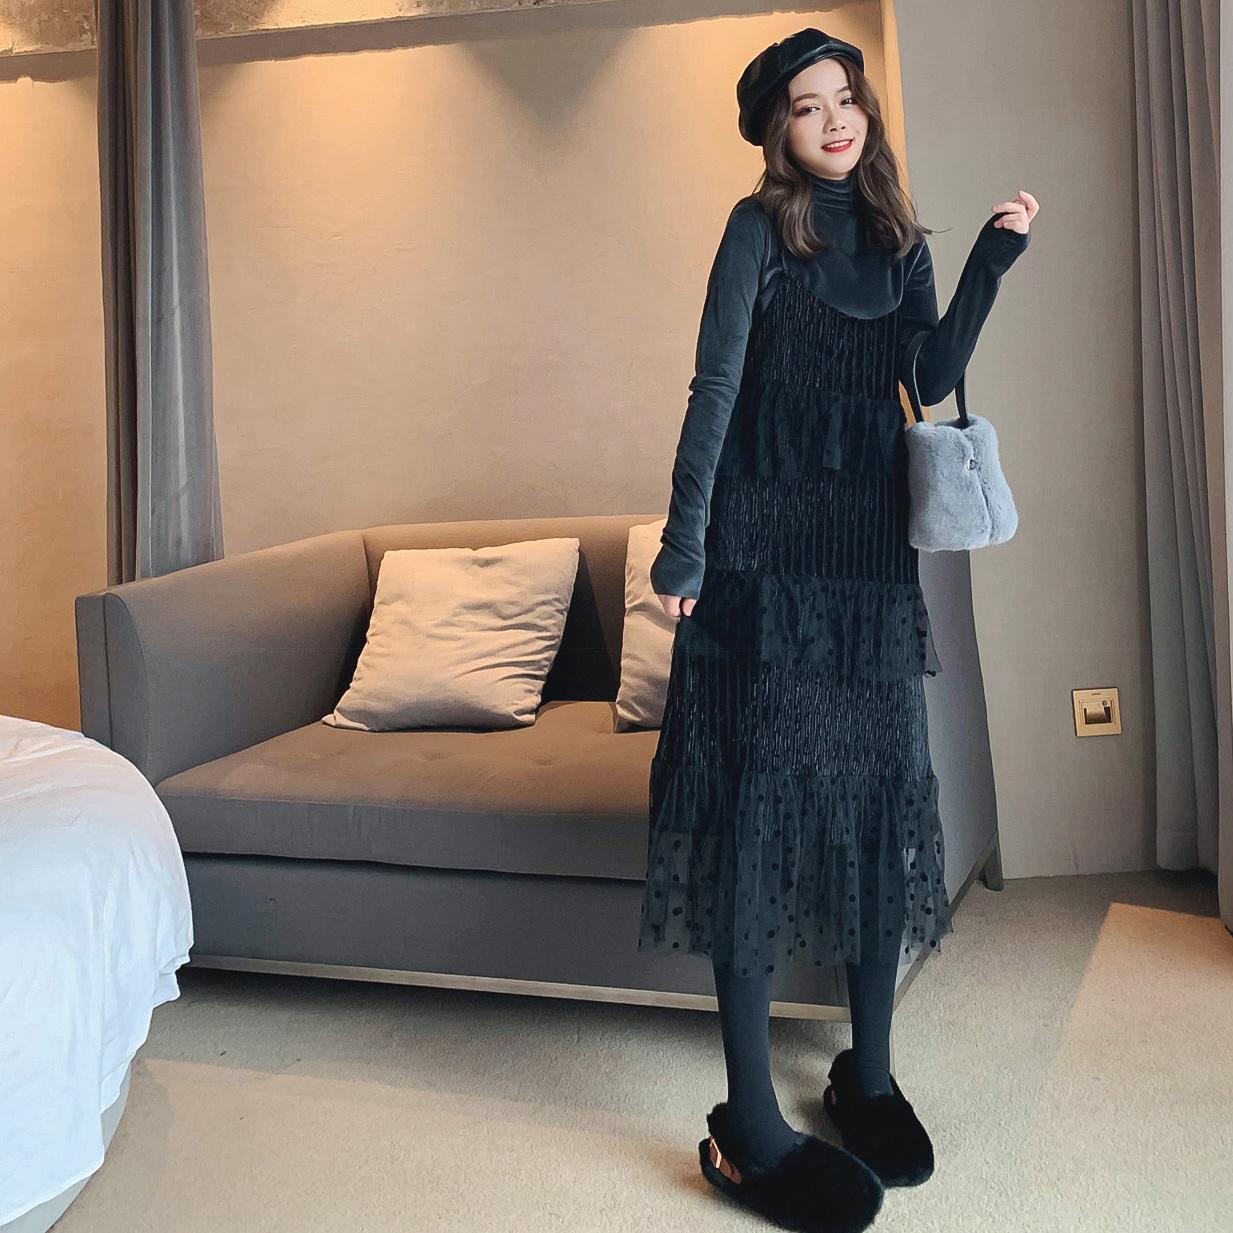 连衣裙女秋冬2018新款丝绒打底衫加配中长款吊带网纱裙两件套裙子